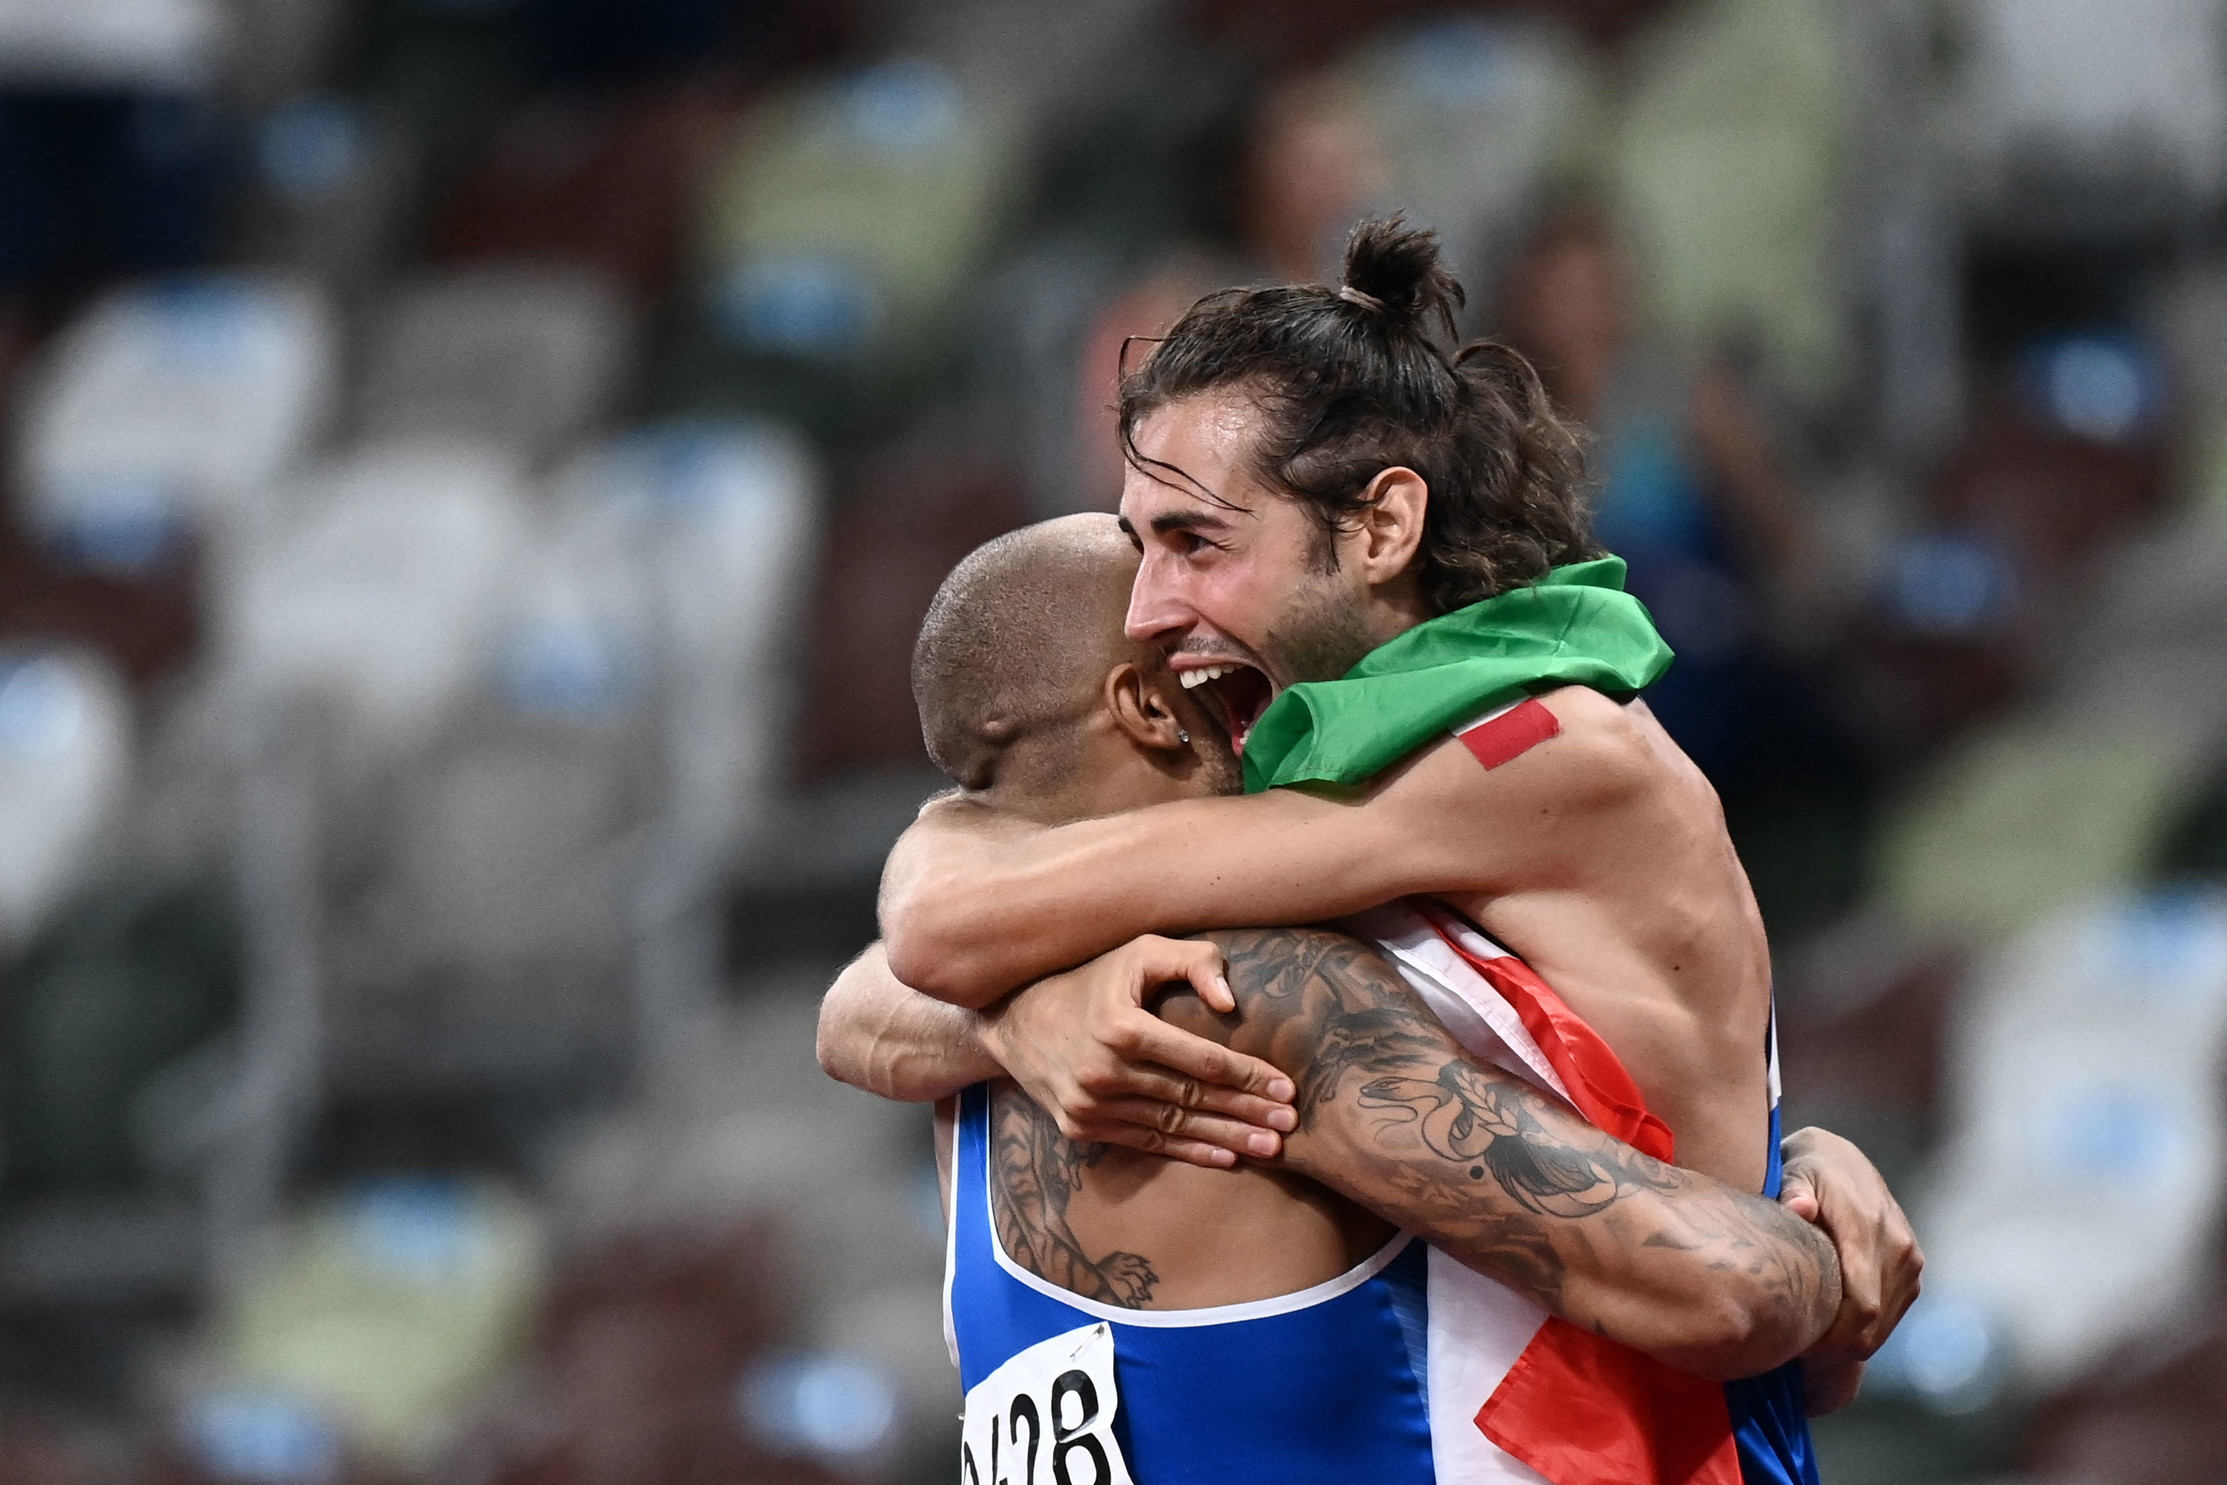 &quot;Sono orgoglioso di voi, vi ho seguito: state onorando l&#39;Italia&quot;. Il presidente del Consiglio, Mario Draghi ha telefonato a Tokyo al numero 1 del Coni, Giovanni Malag&ograve;, per complimentarsi per la splendida giornata dell&#39;Italia alle Olimpiadi. Poi si &egrave;&nbsp;fatto passare i due atleti che hanno vinto la medaglia d&#39;oro nell&#39;atletica, prima Jacobs, poi Tamberi, ha ribadito i complimenti e ha concluso: &quot;Siete stati bravissimi, vi aspetto a Palazzo Chigi&quot;.<br /><br />